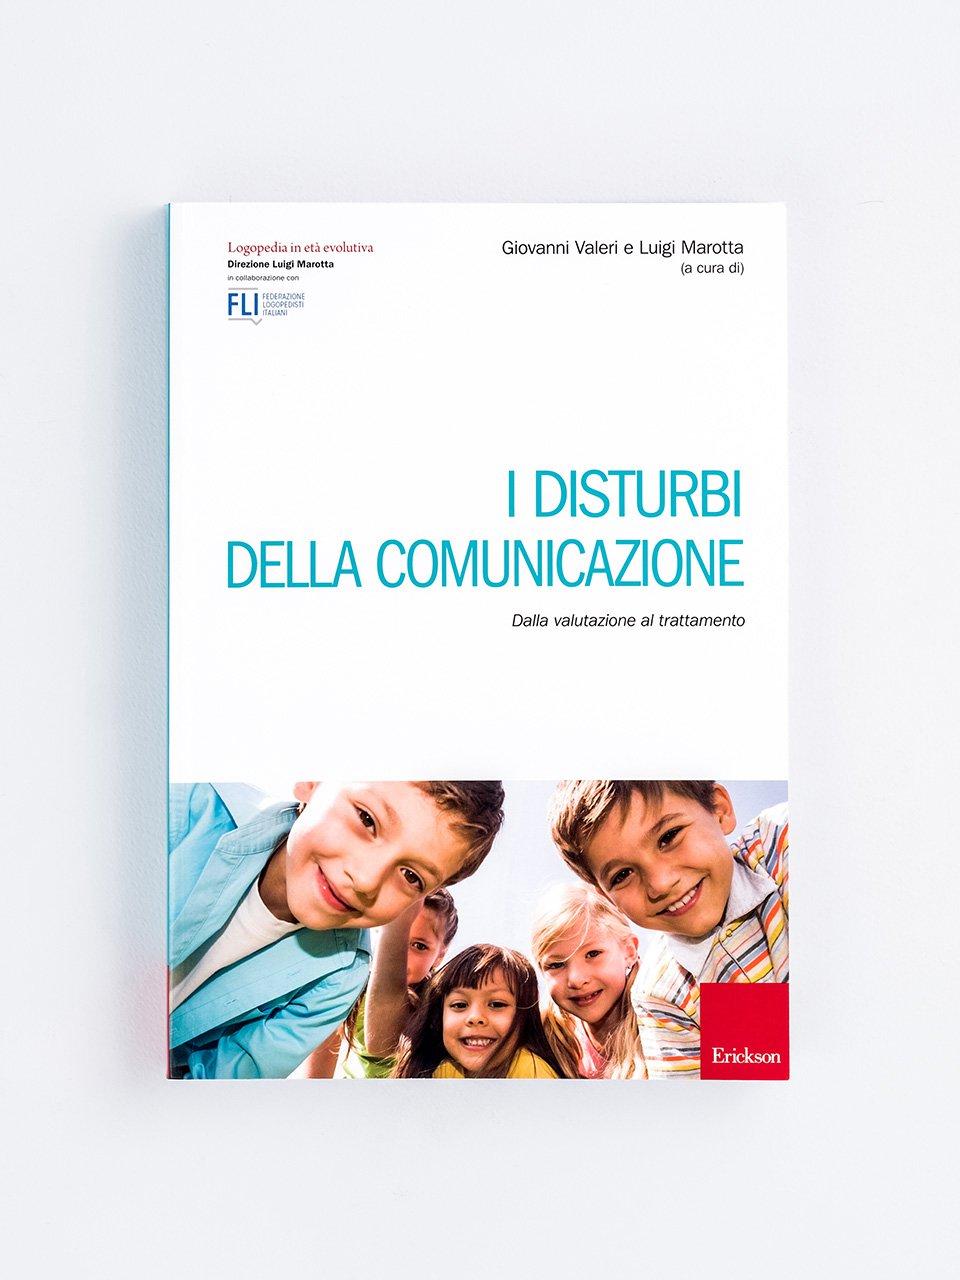 I disturbi della comunicazione - Che cos'è il disturbo socio-pragmatico della comunicazione - Erickson